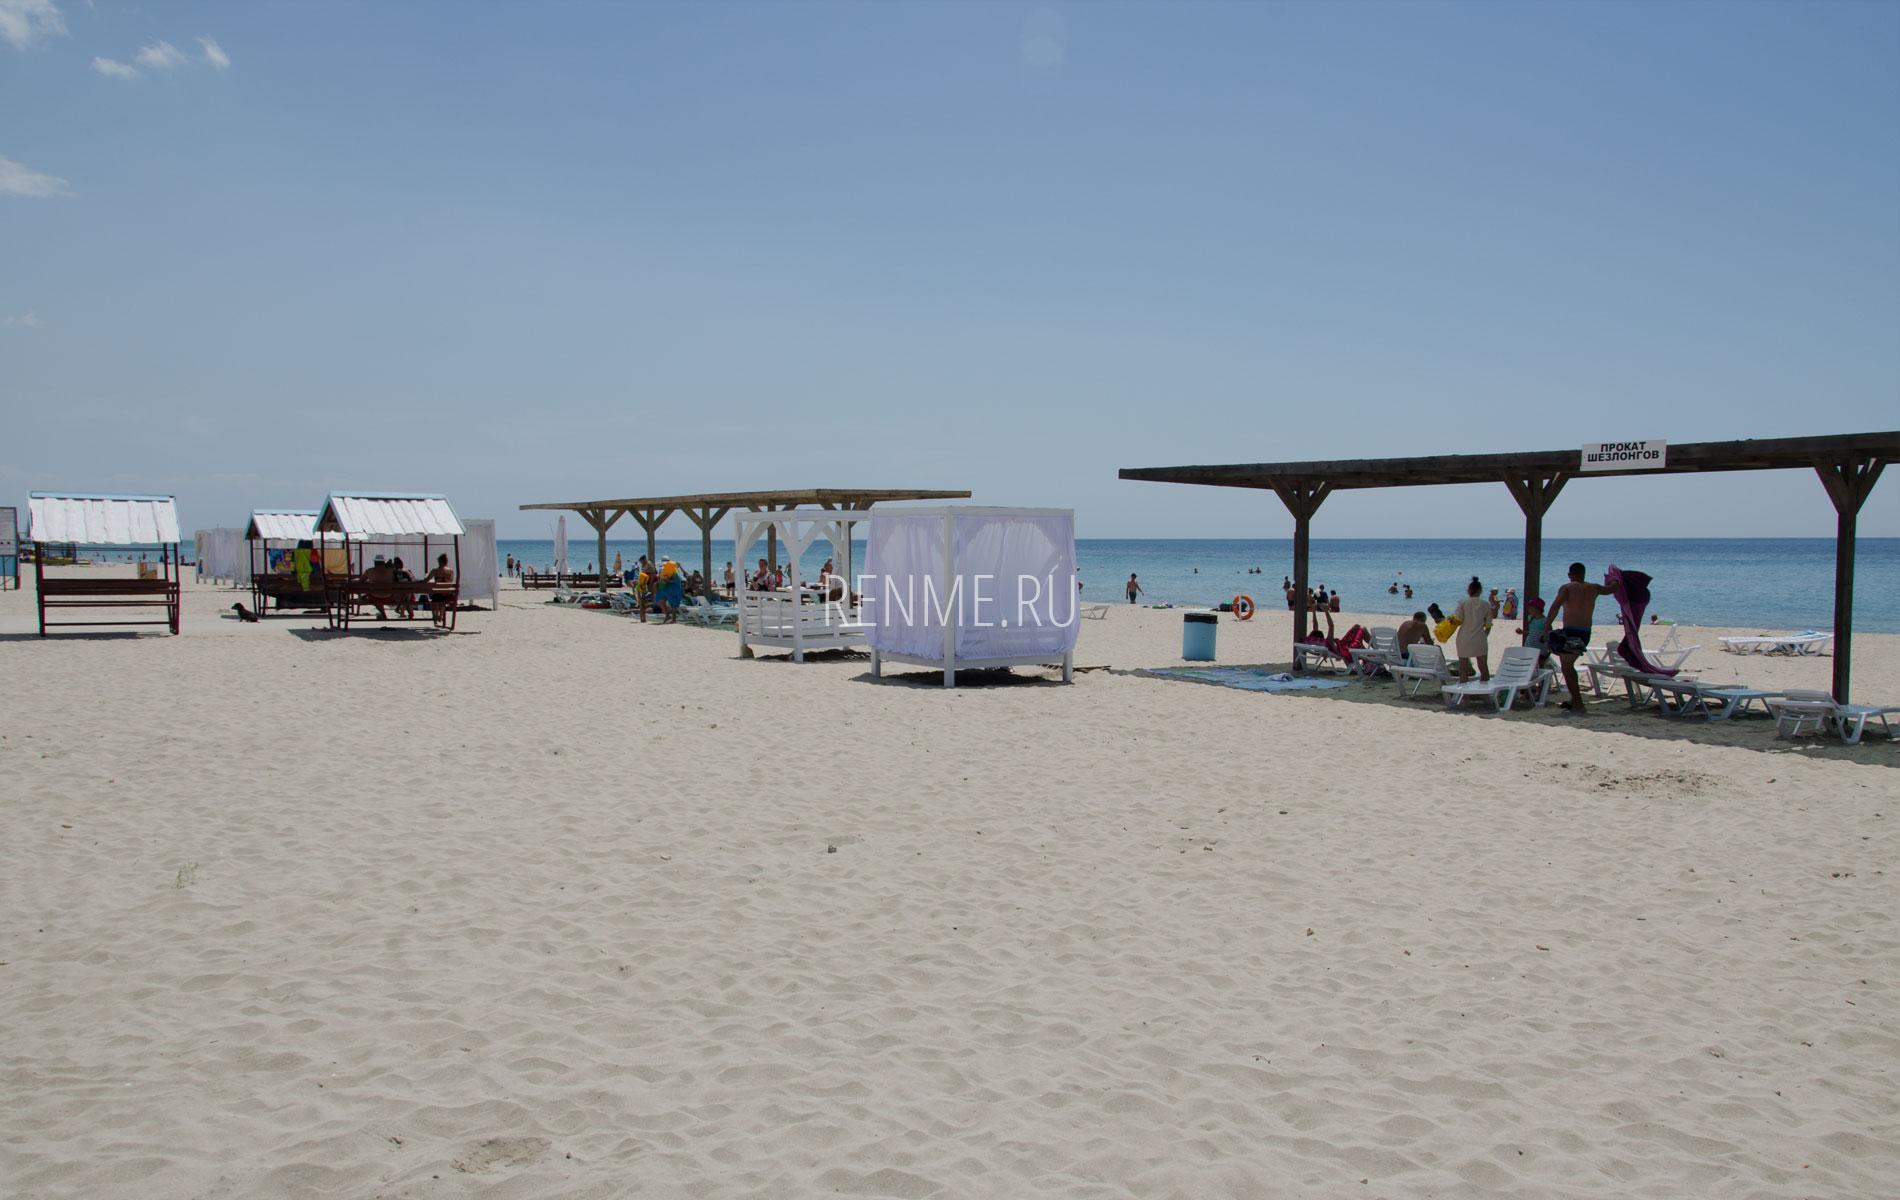 Песчаный пляж с бунгало и навесами 2019. Фото Штормового